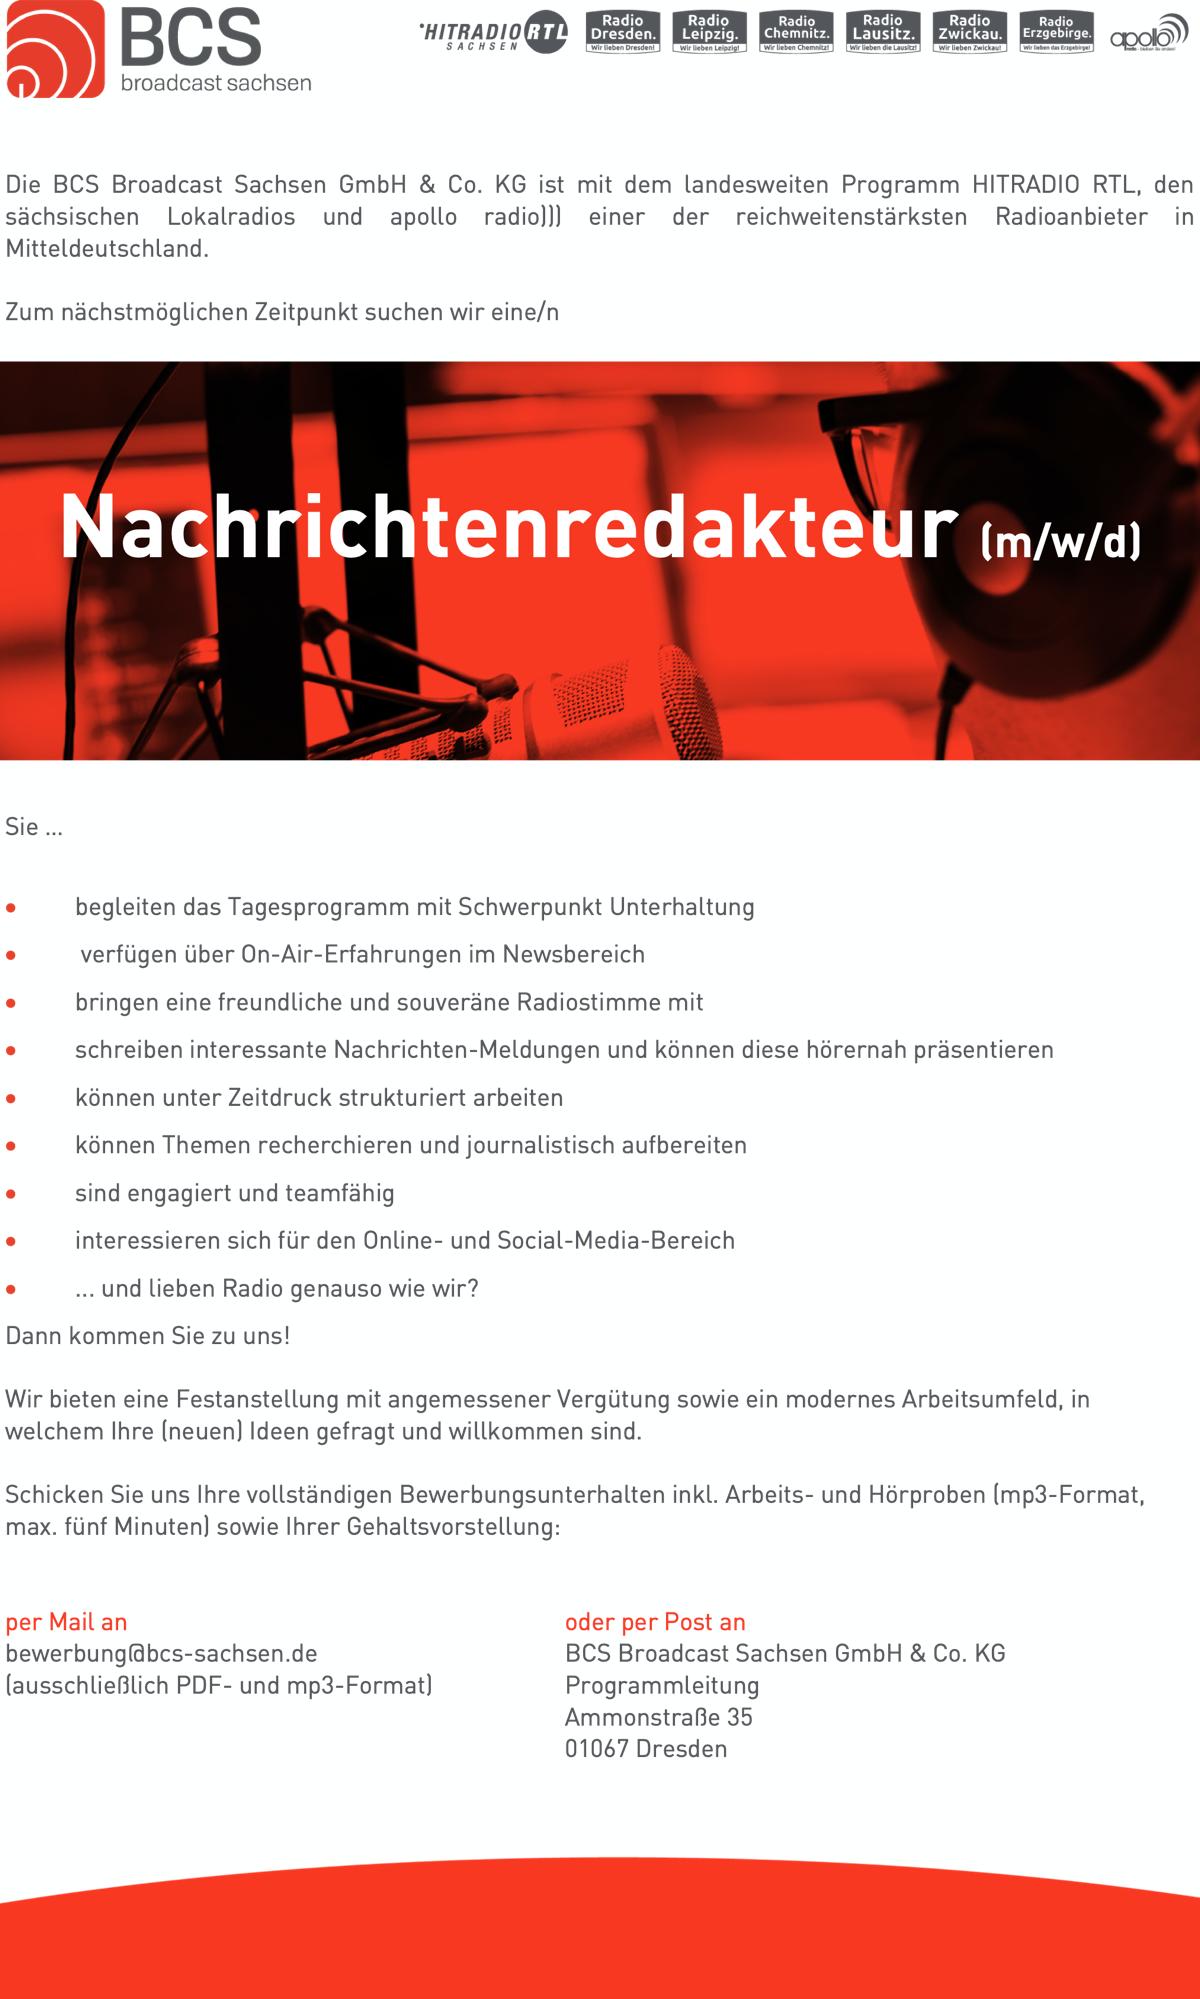 BCS broadcast sachsen sucht Nachrichtenredakteur (m/w/d)